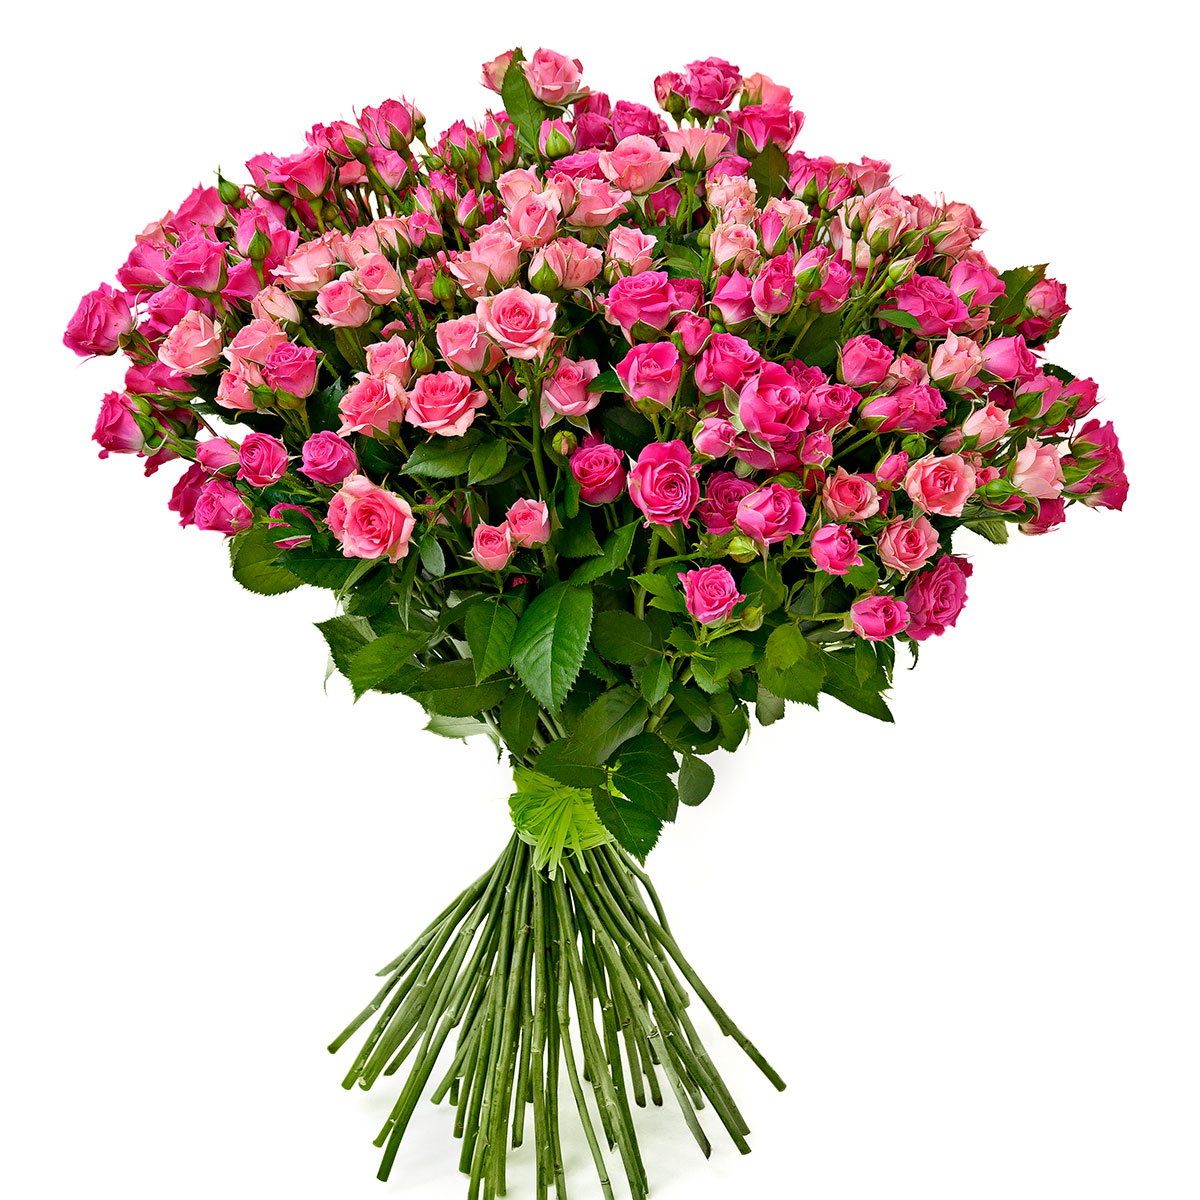 роза кустовая букет фото